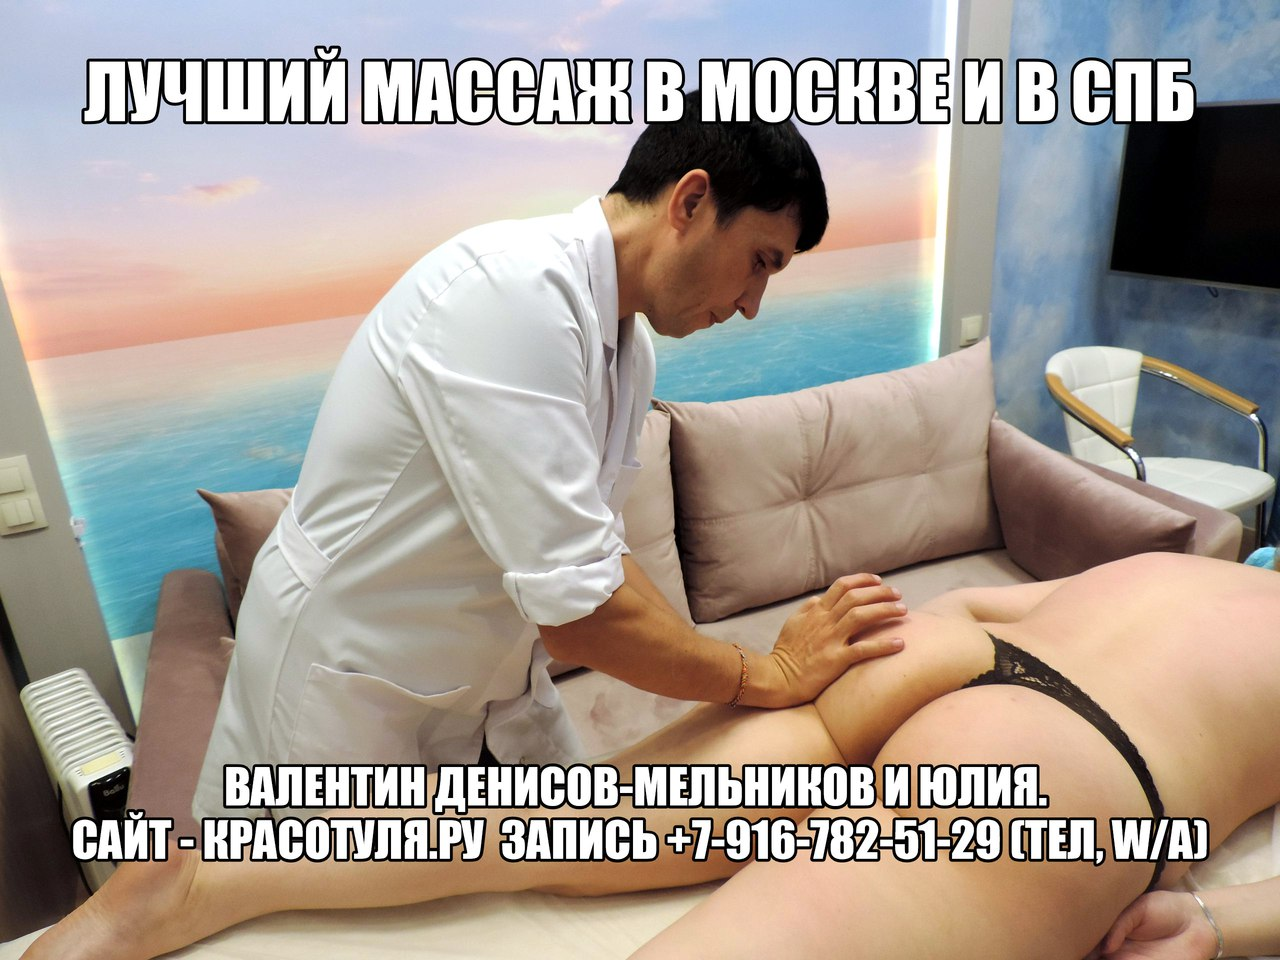 массаж попки девушке, хочу массаж от мужчины, эро массаж ягодиц, на массажном столе,